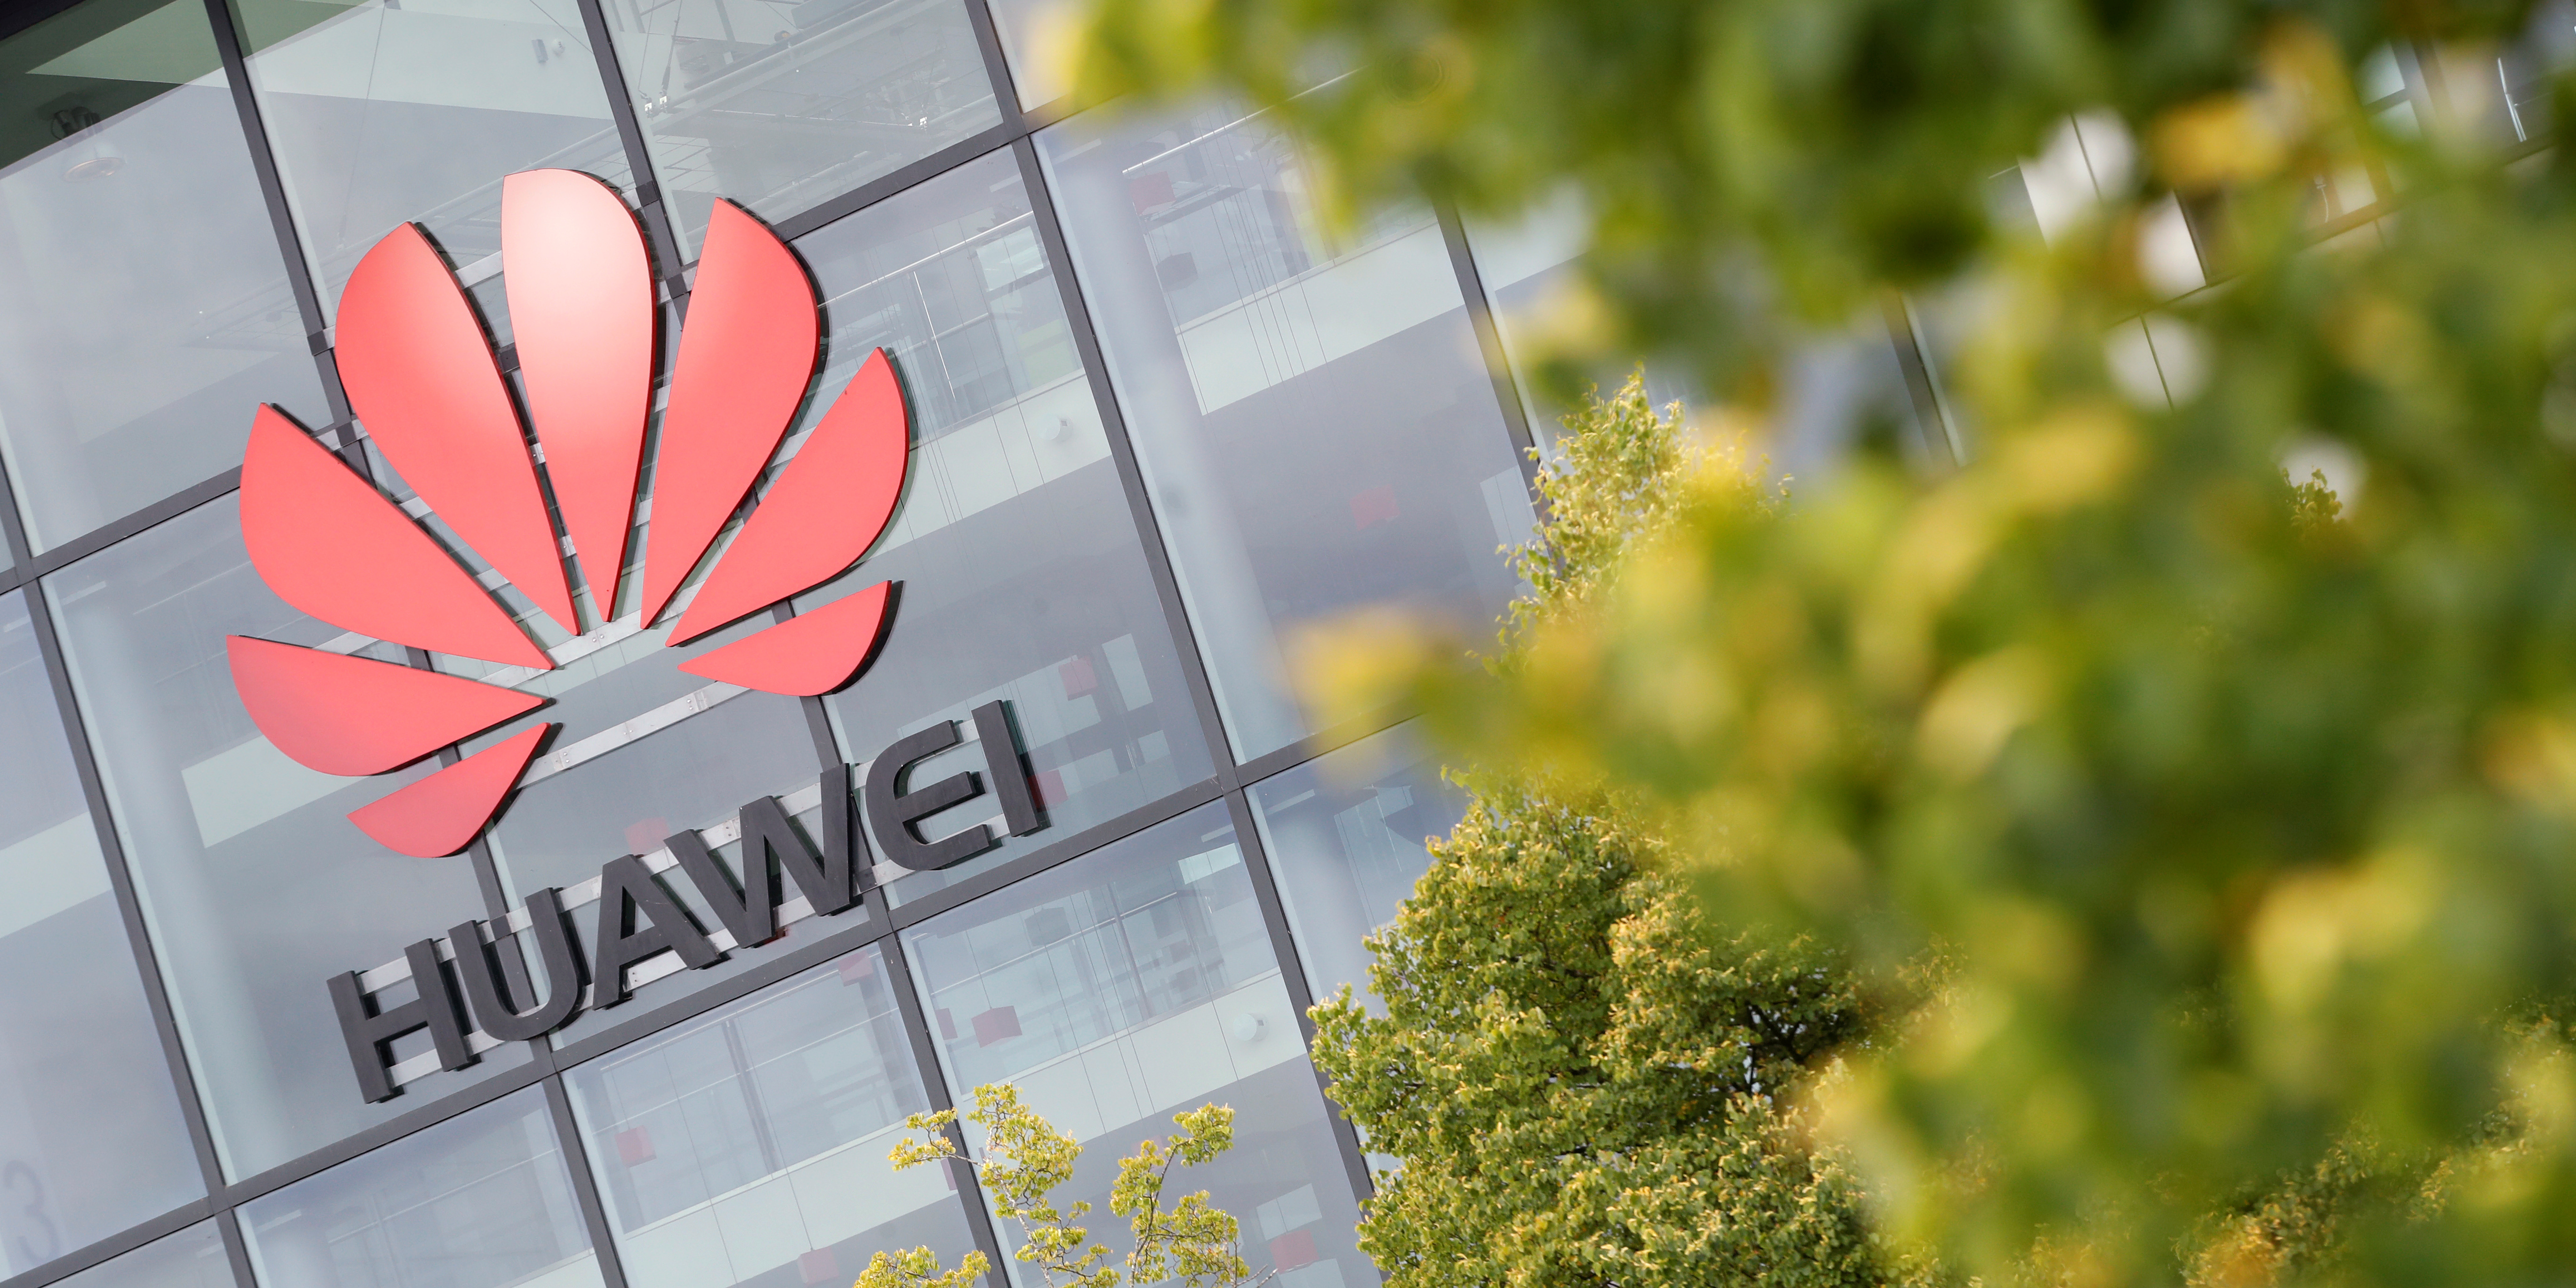 Malgré sa mise à l'écart des réseaux 5G, Huawei va continuer d'investir en France